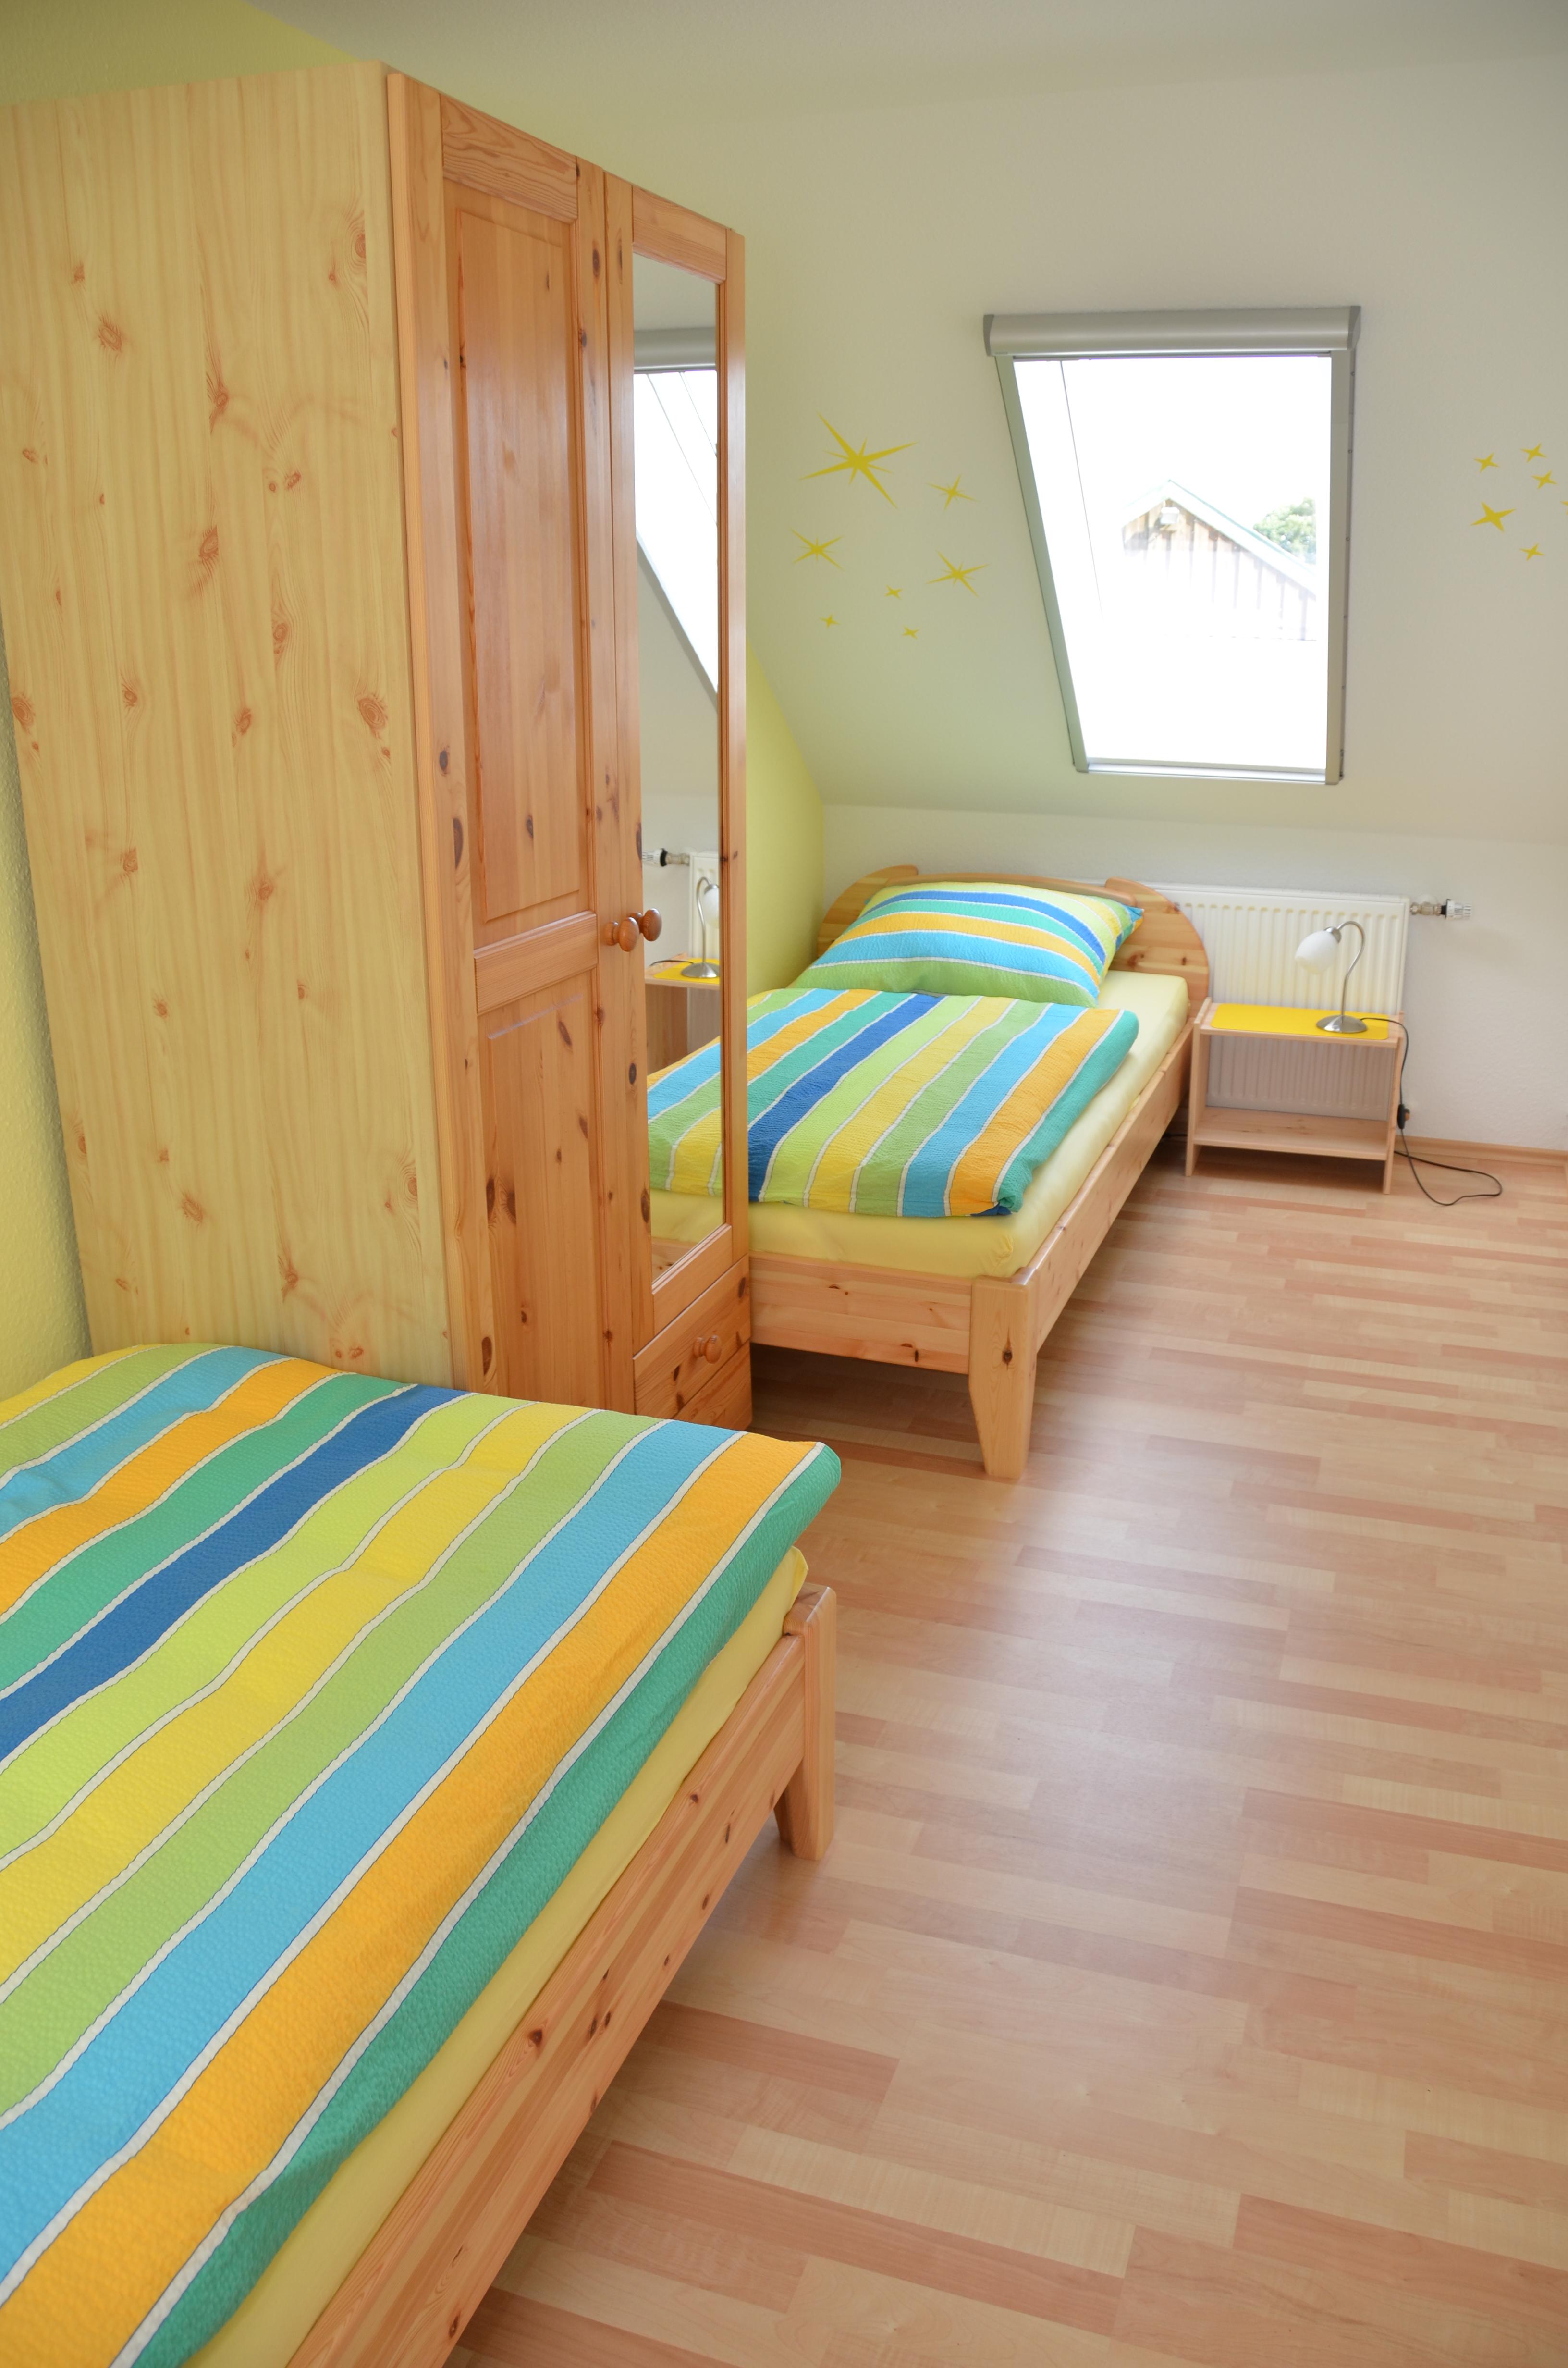 ferienwohnung ferienwohnung reich der tr ume. Black Bedroom Furniture Sets. Home Design Ideas